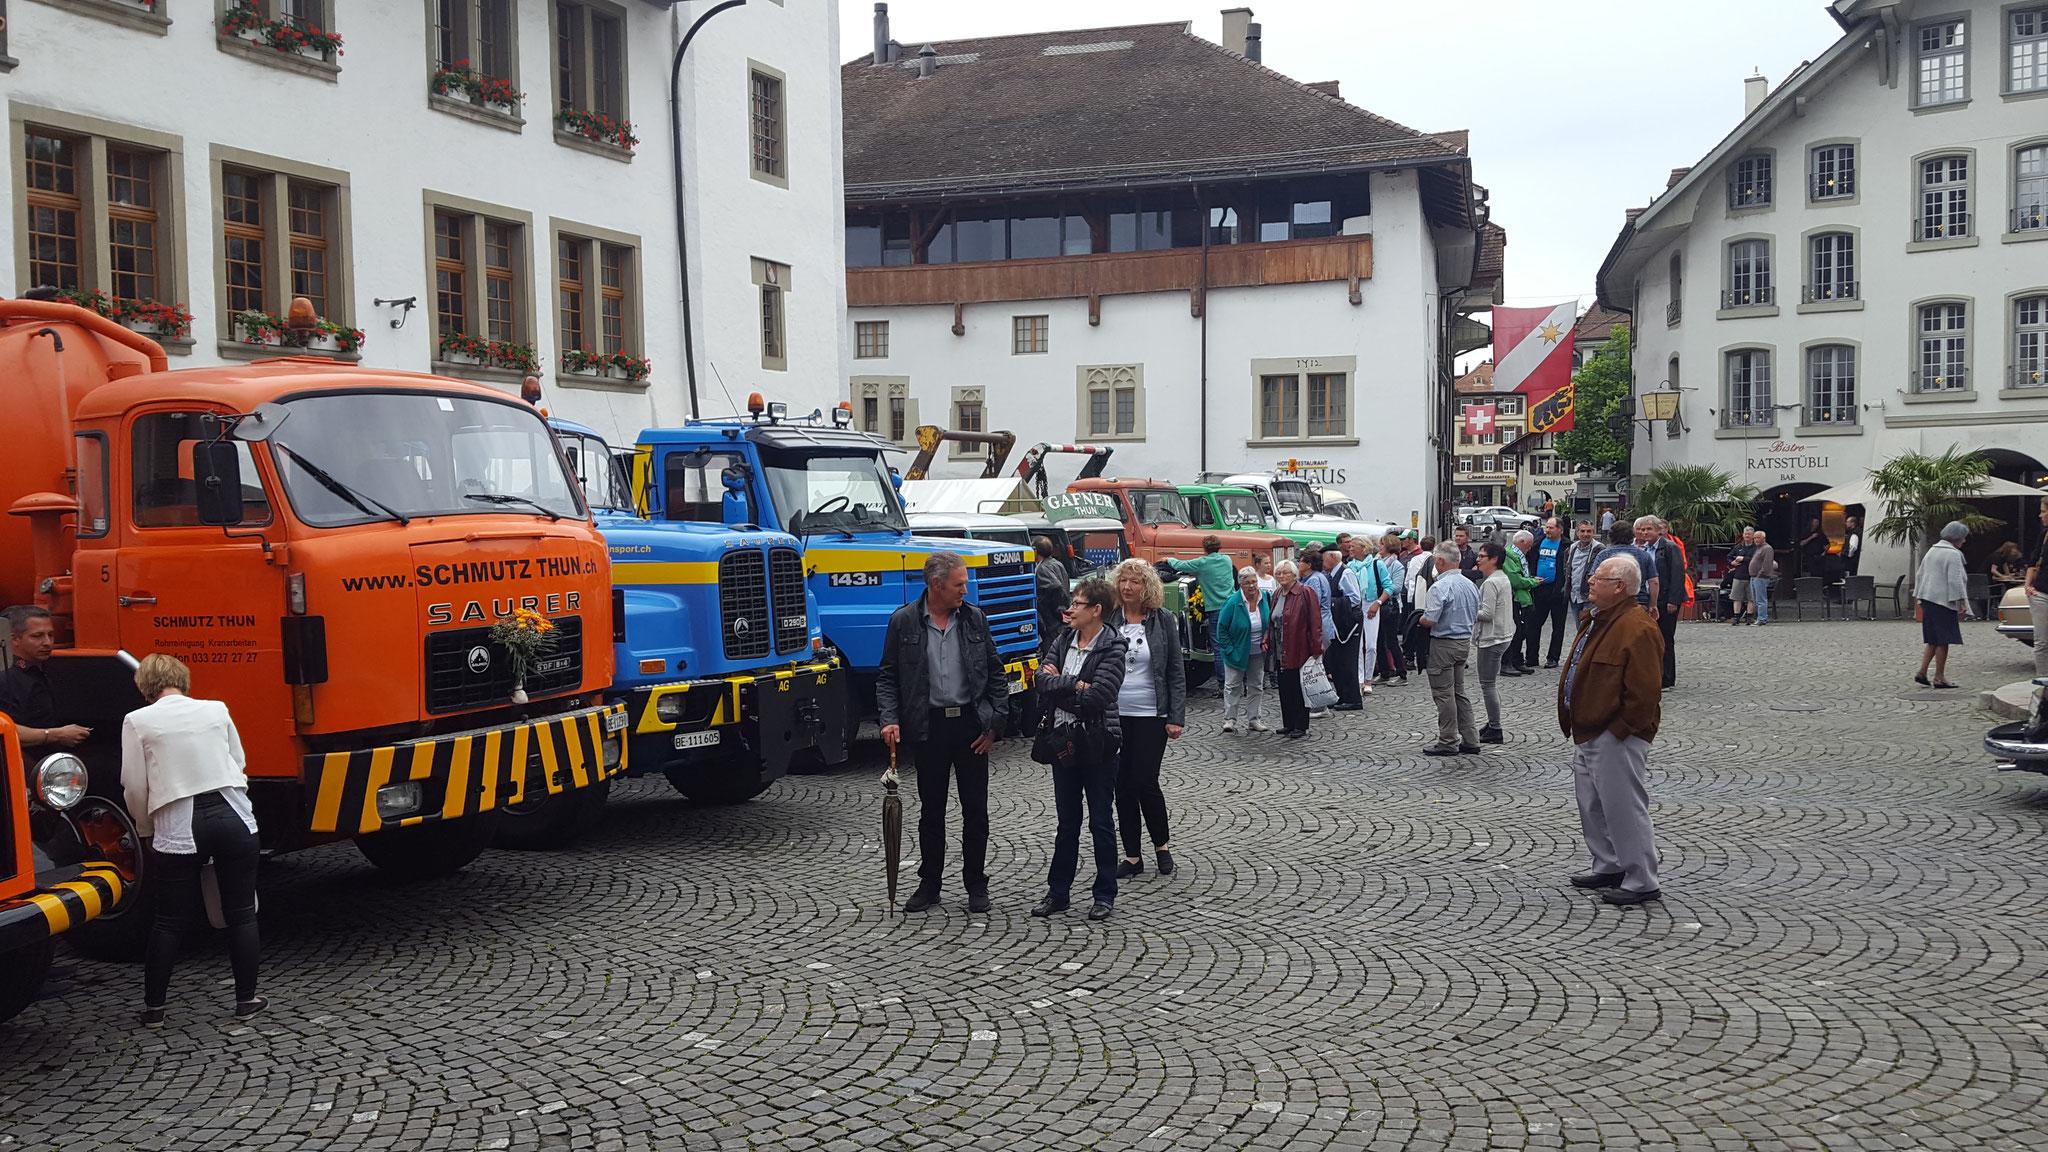 Abnahme der Parade durch Gäste, Ehrenpräsident Ueli Gaggioli und Mitglieder TGV